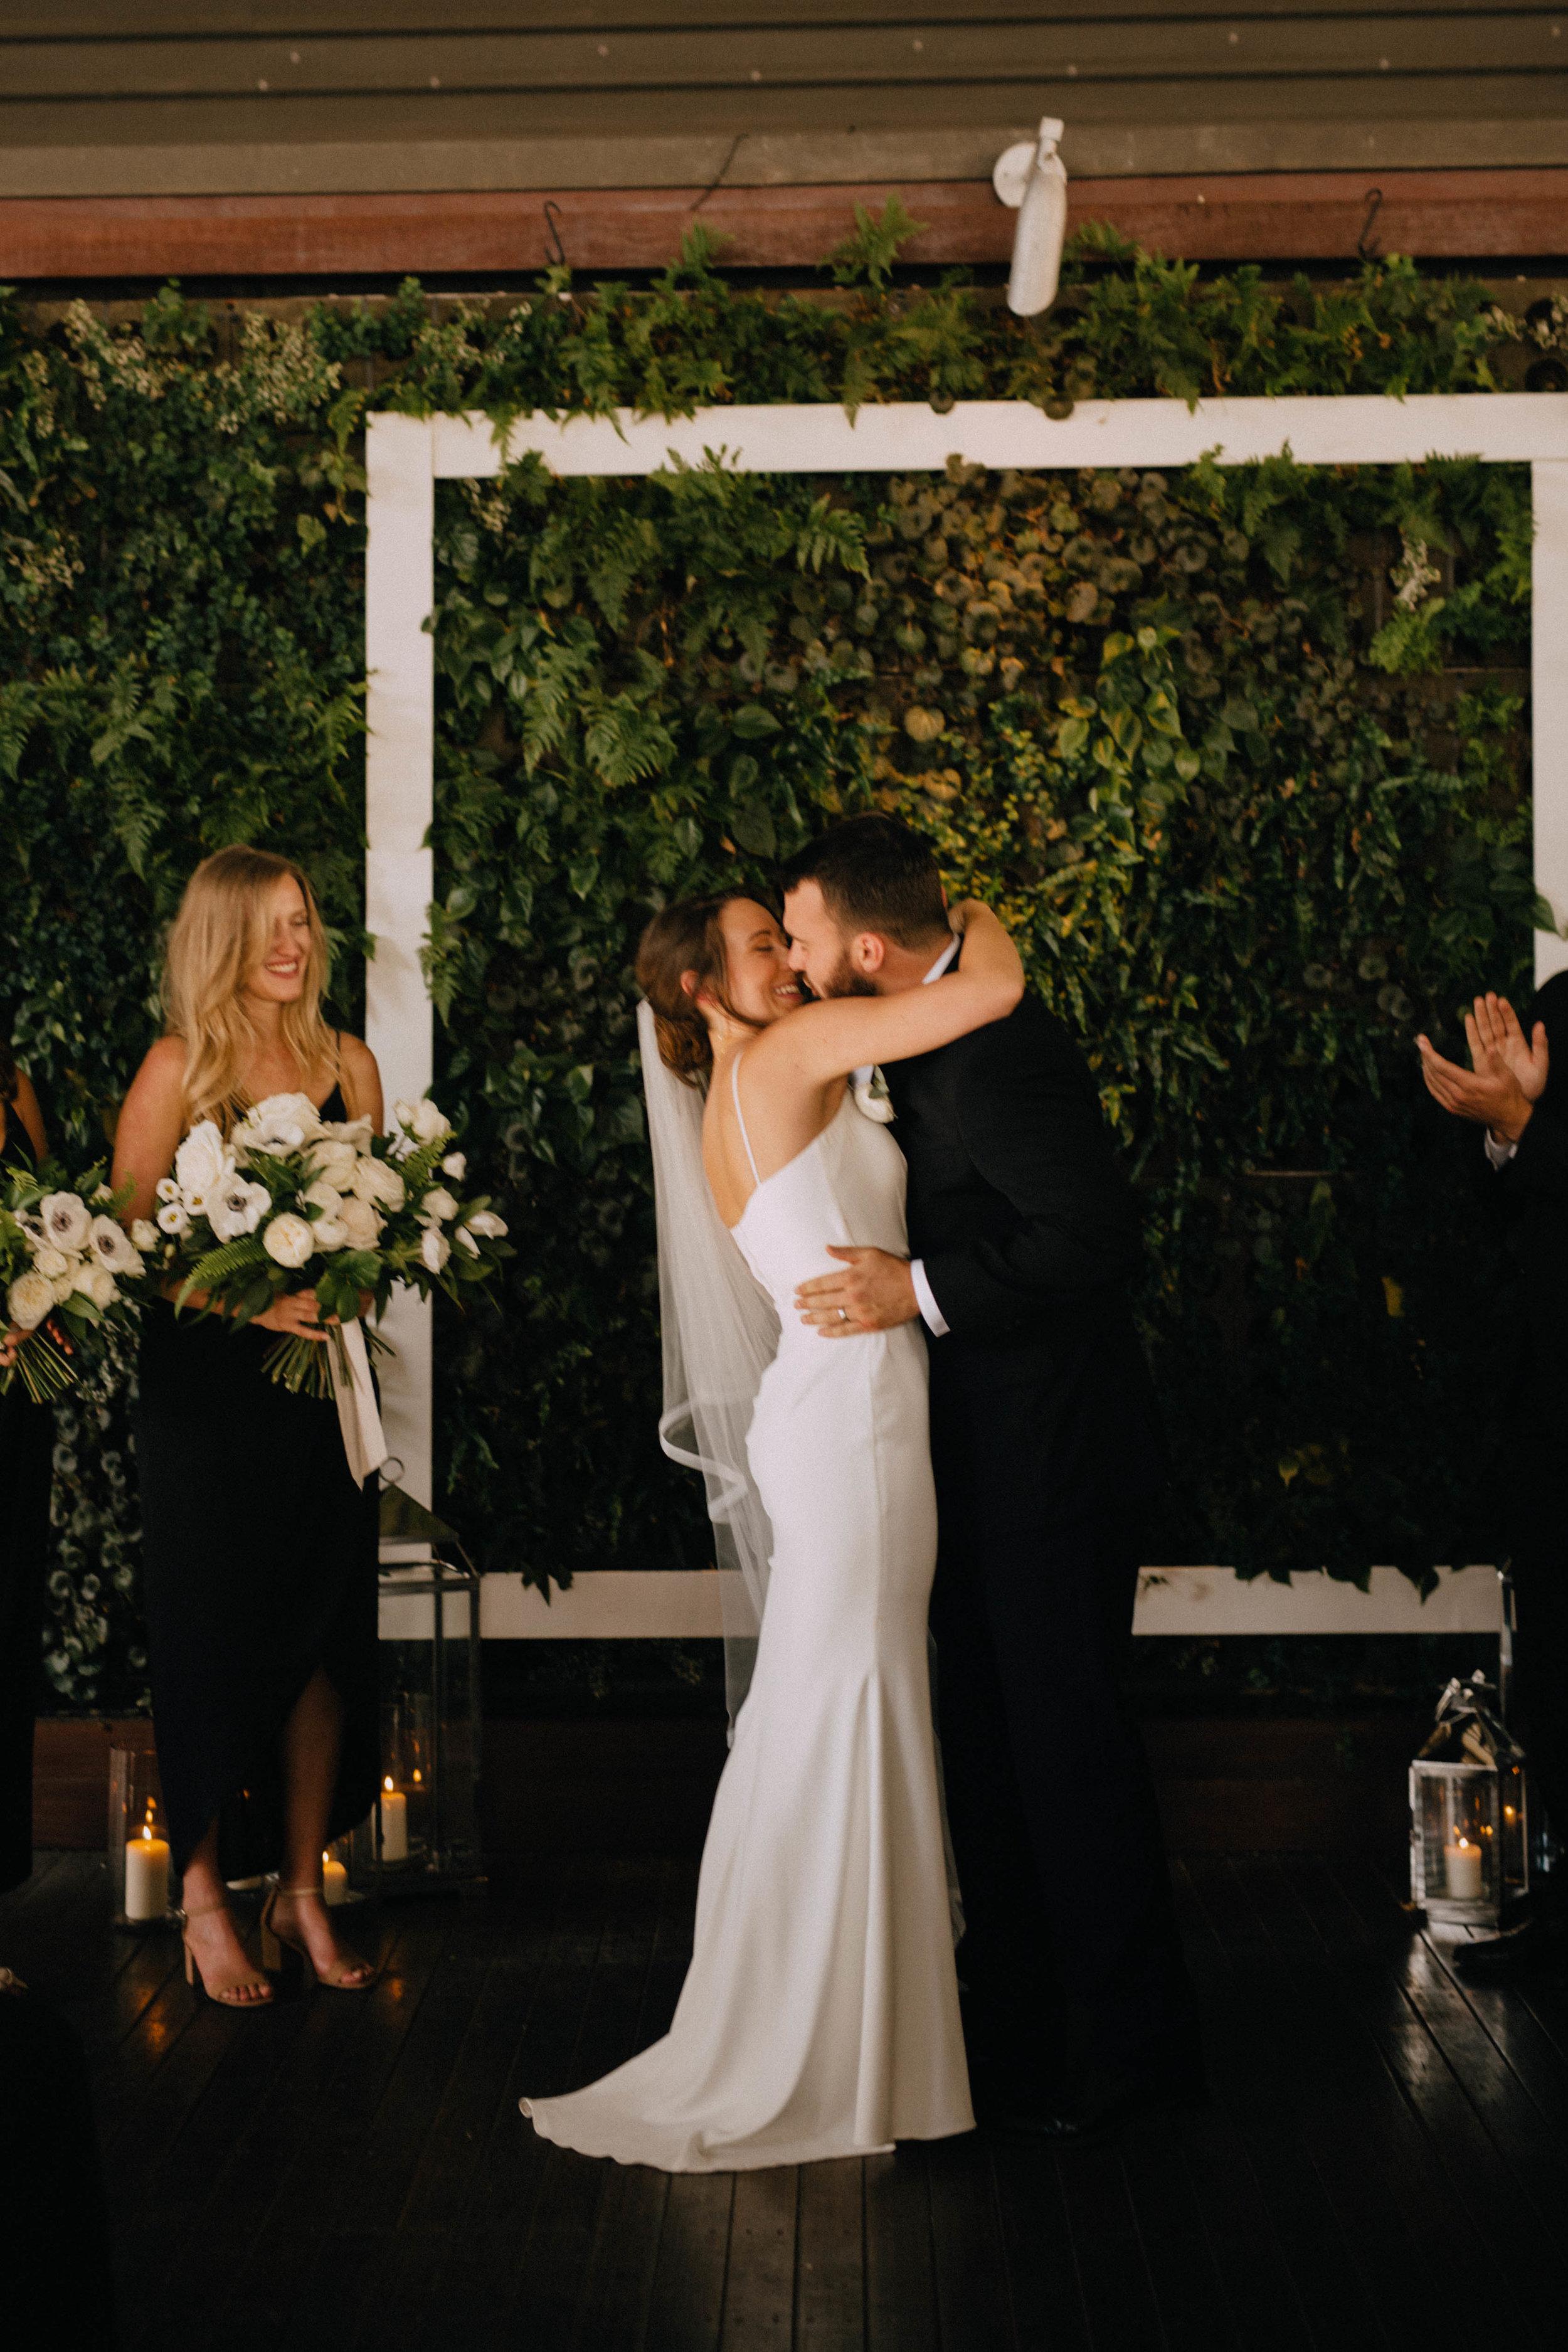 kacey sam wedding 3107.jpg